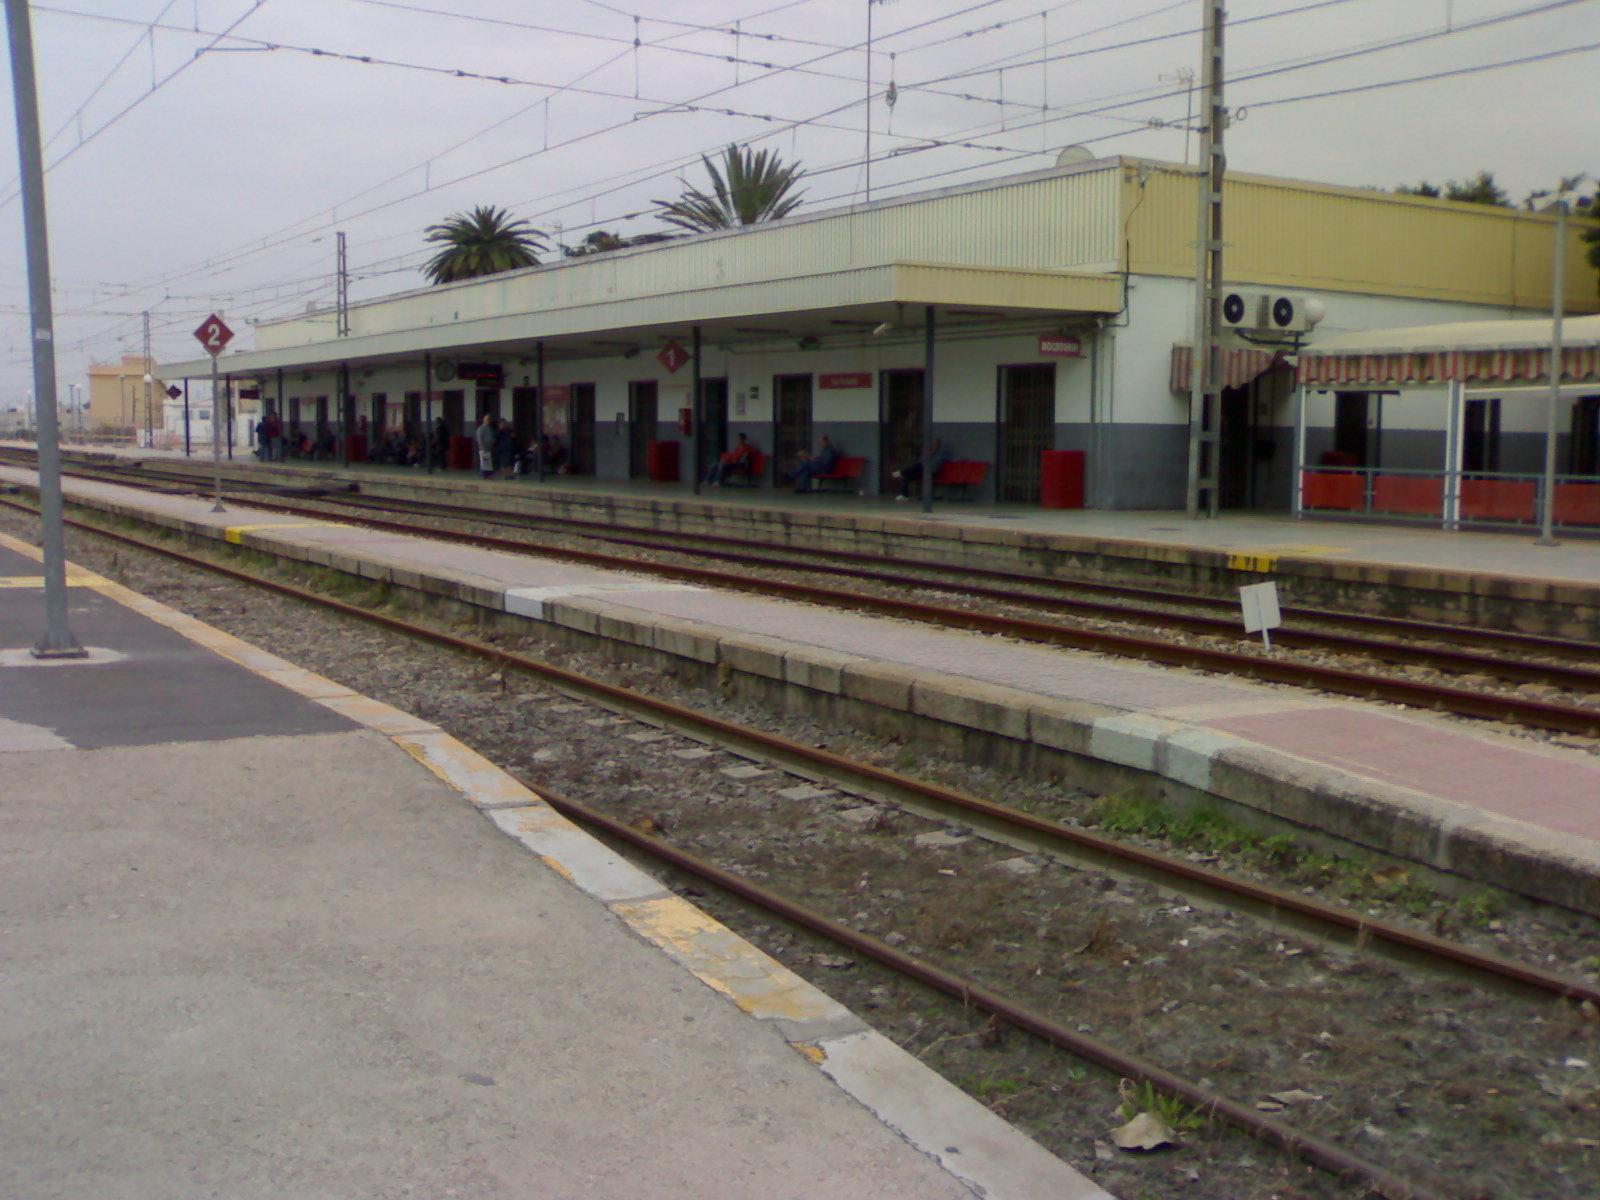 San fernando ayer y hoy y otras historias estaci n de ferrocarril san fernando centro - Tren el puerto de santa maria madrid ...